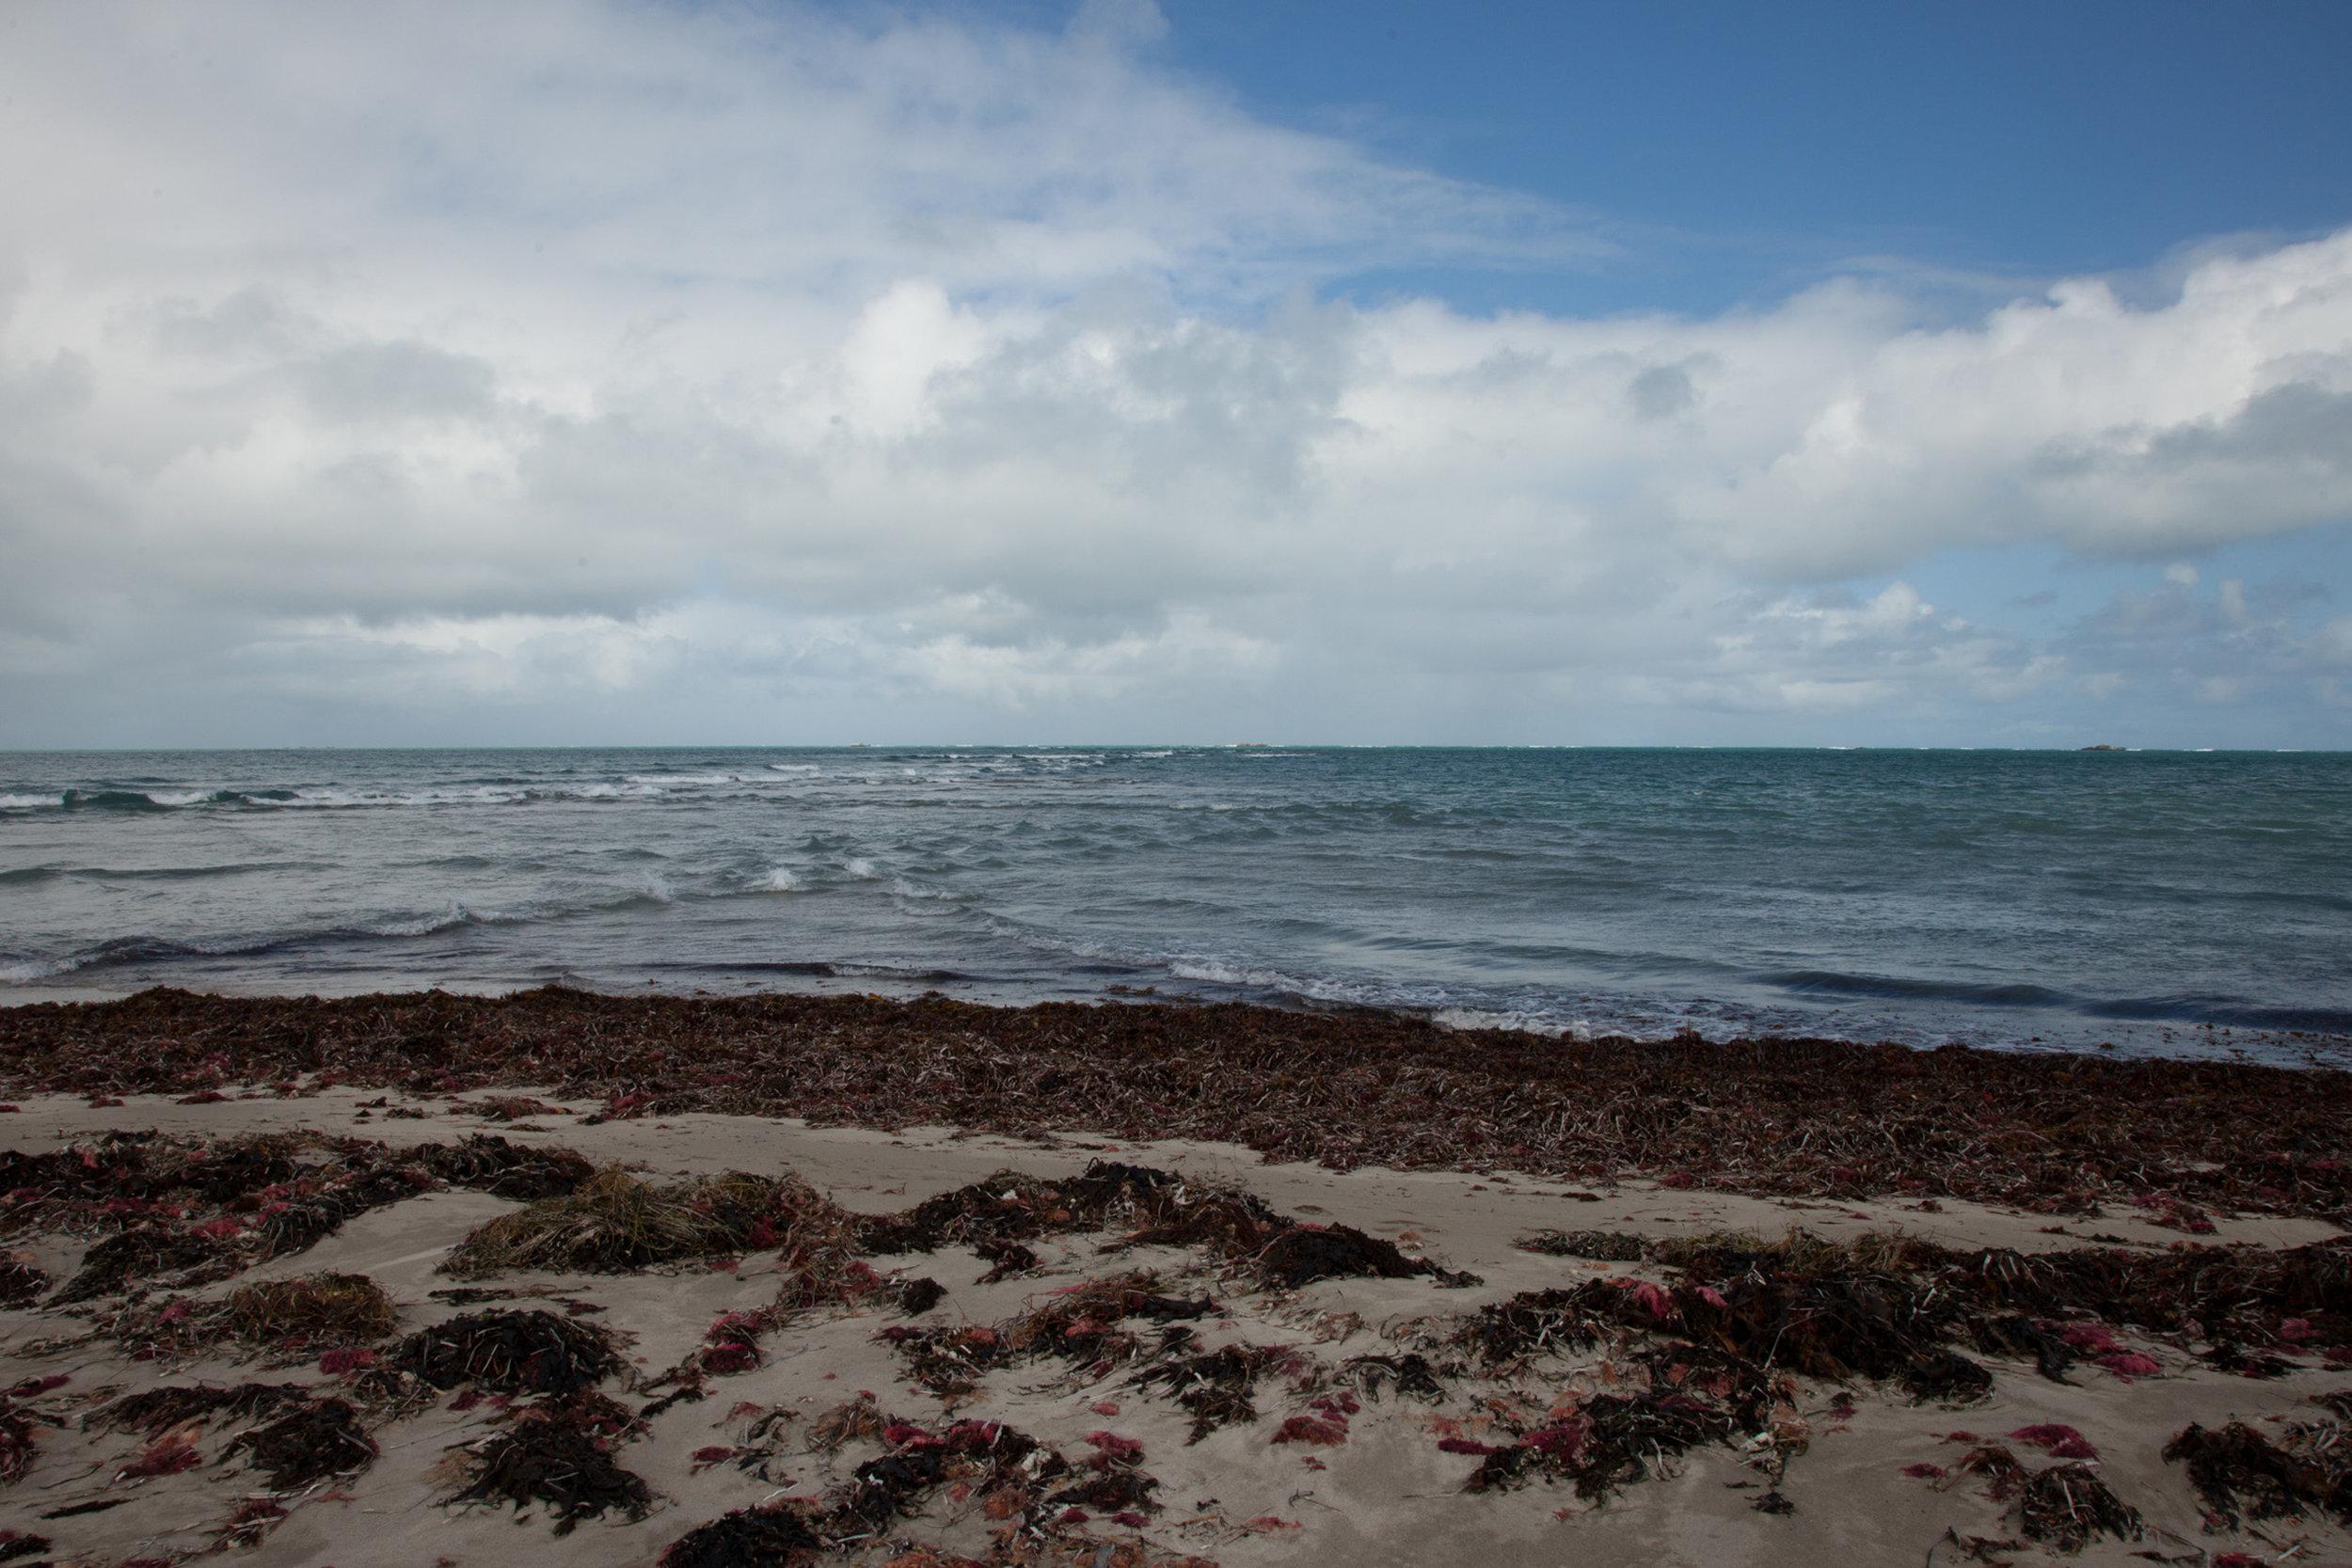 Plate 11: Sandbar extending from the tip of Tern Island.